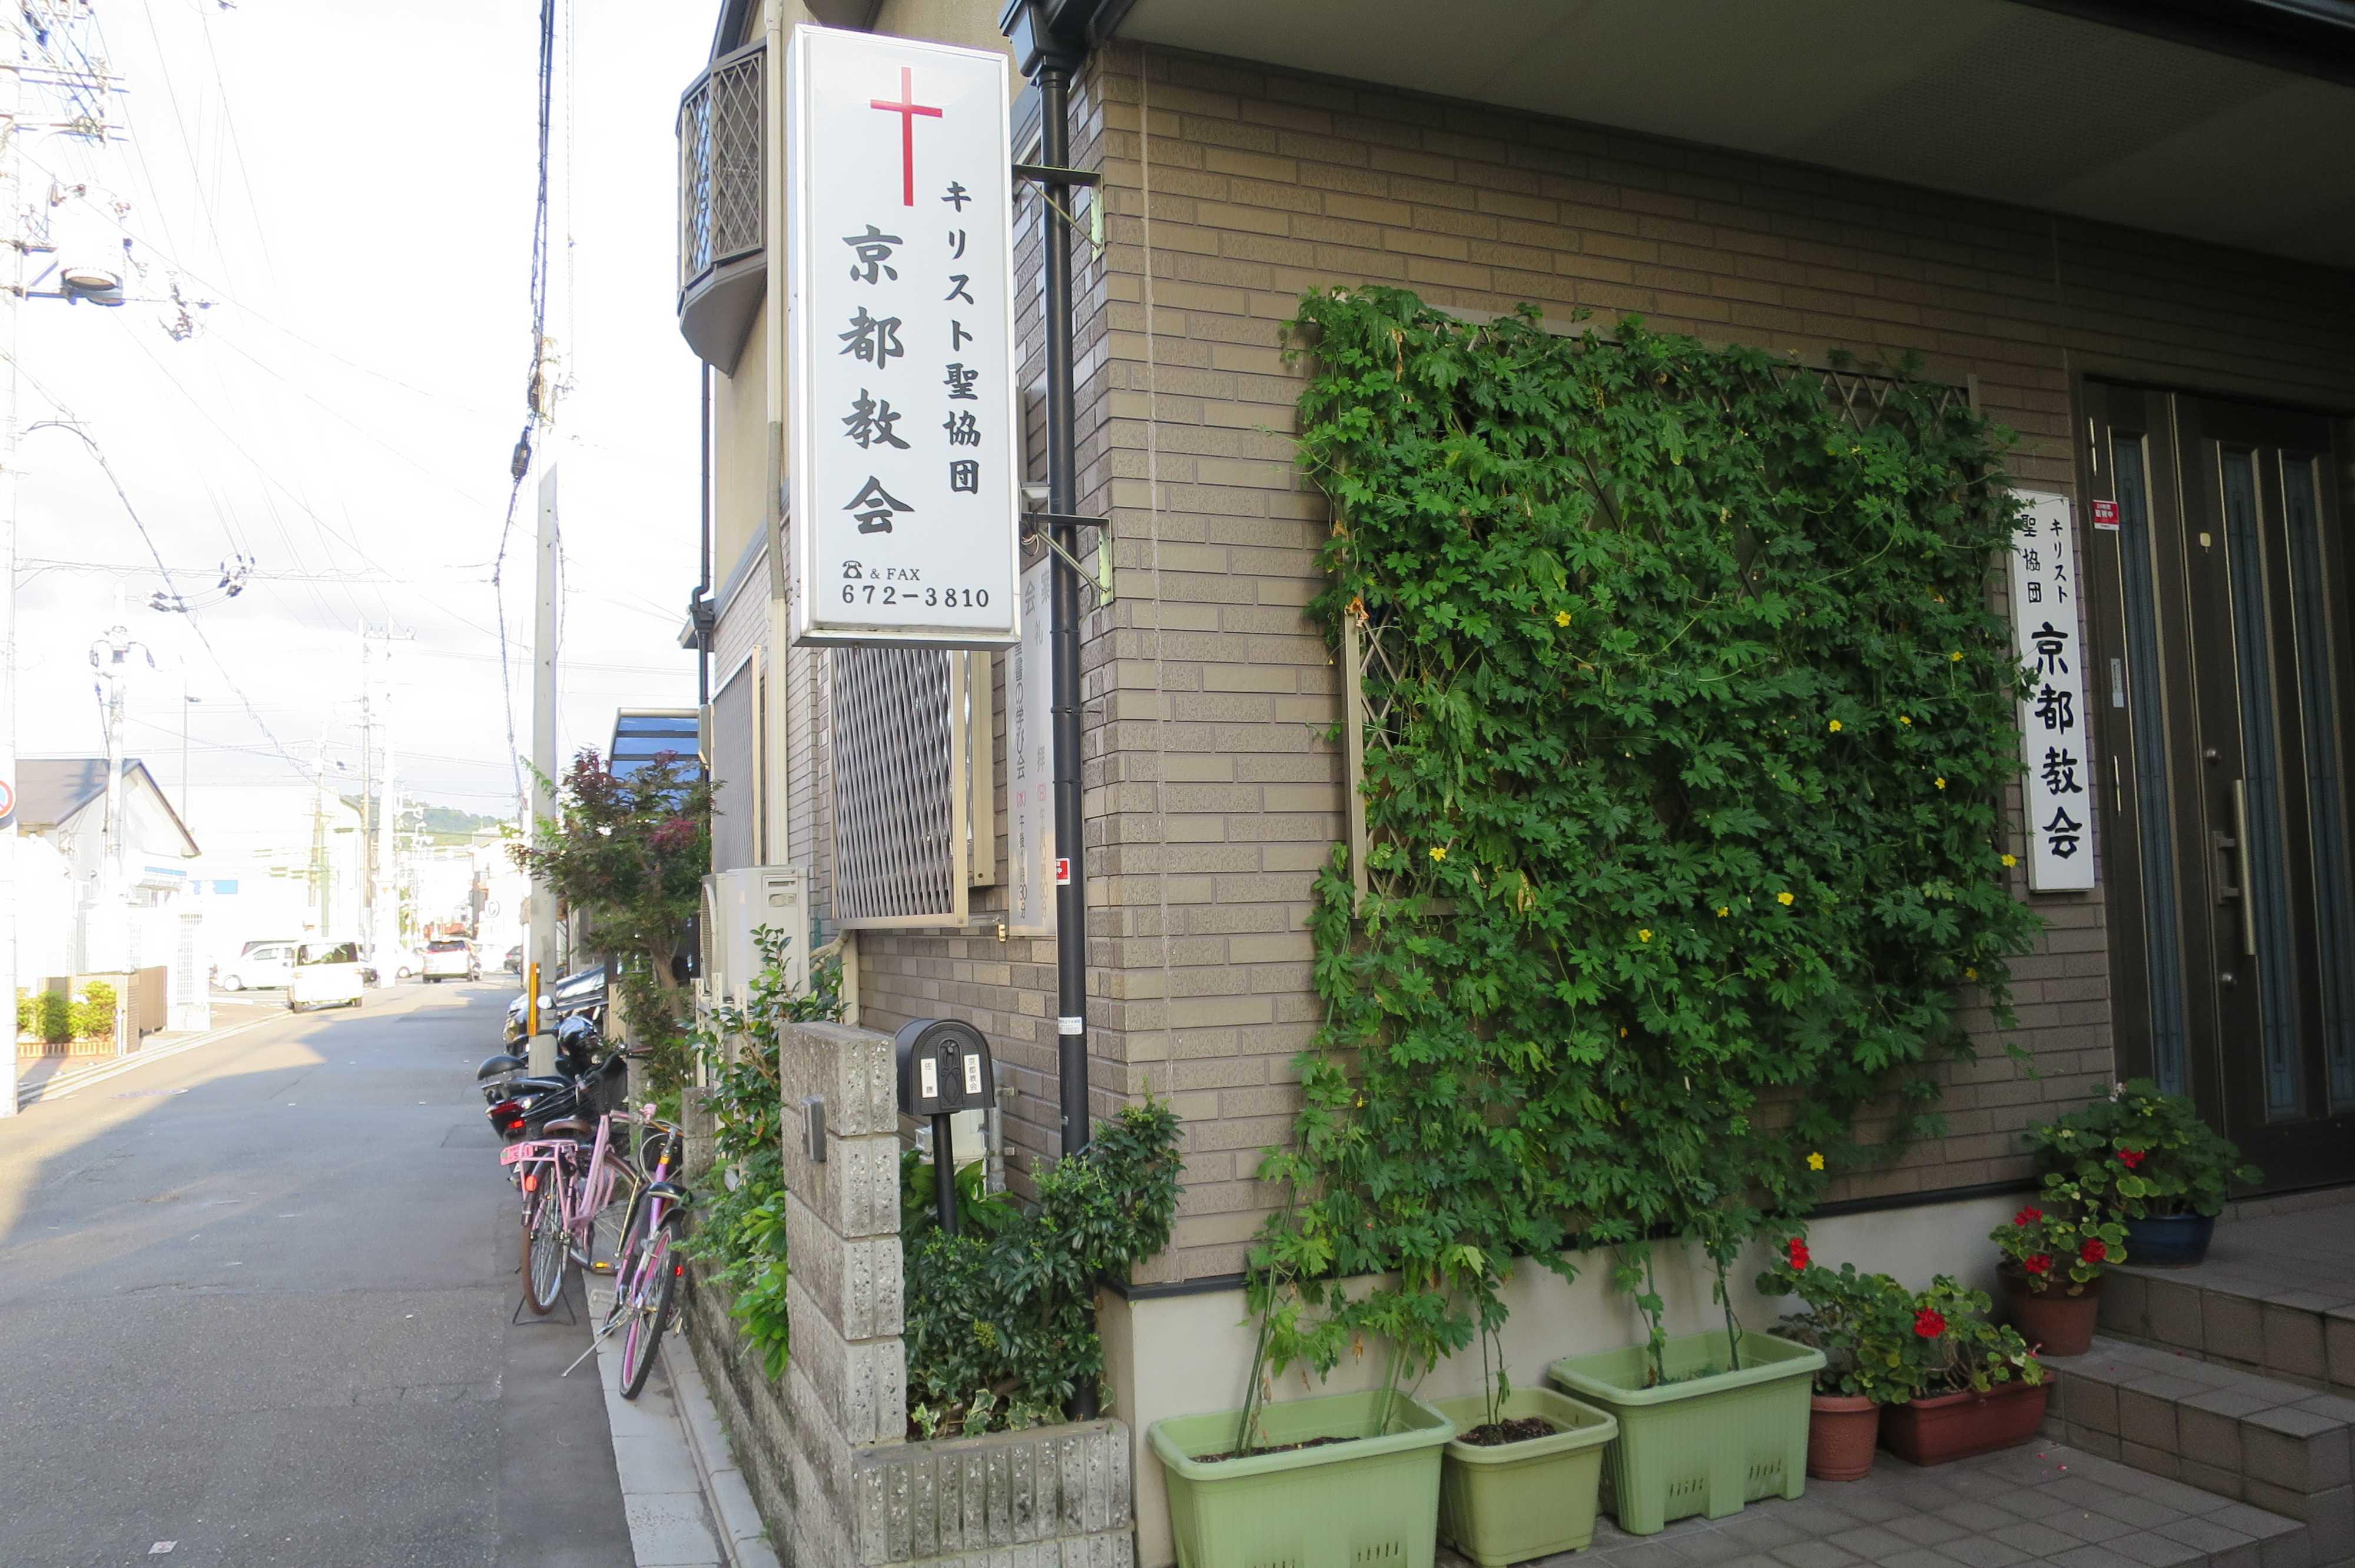 京都・山王地区 - 基督聖協団(キリスト聖教団) 京都教会